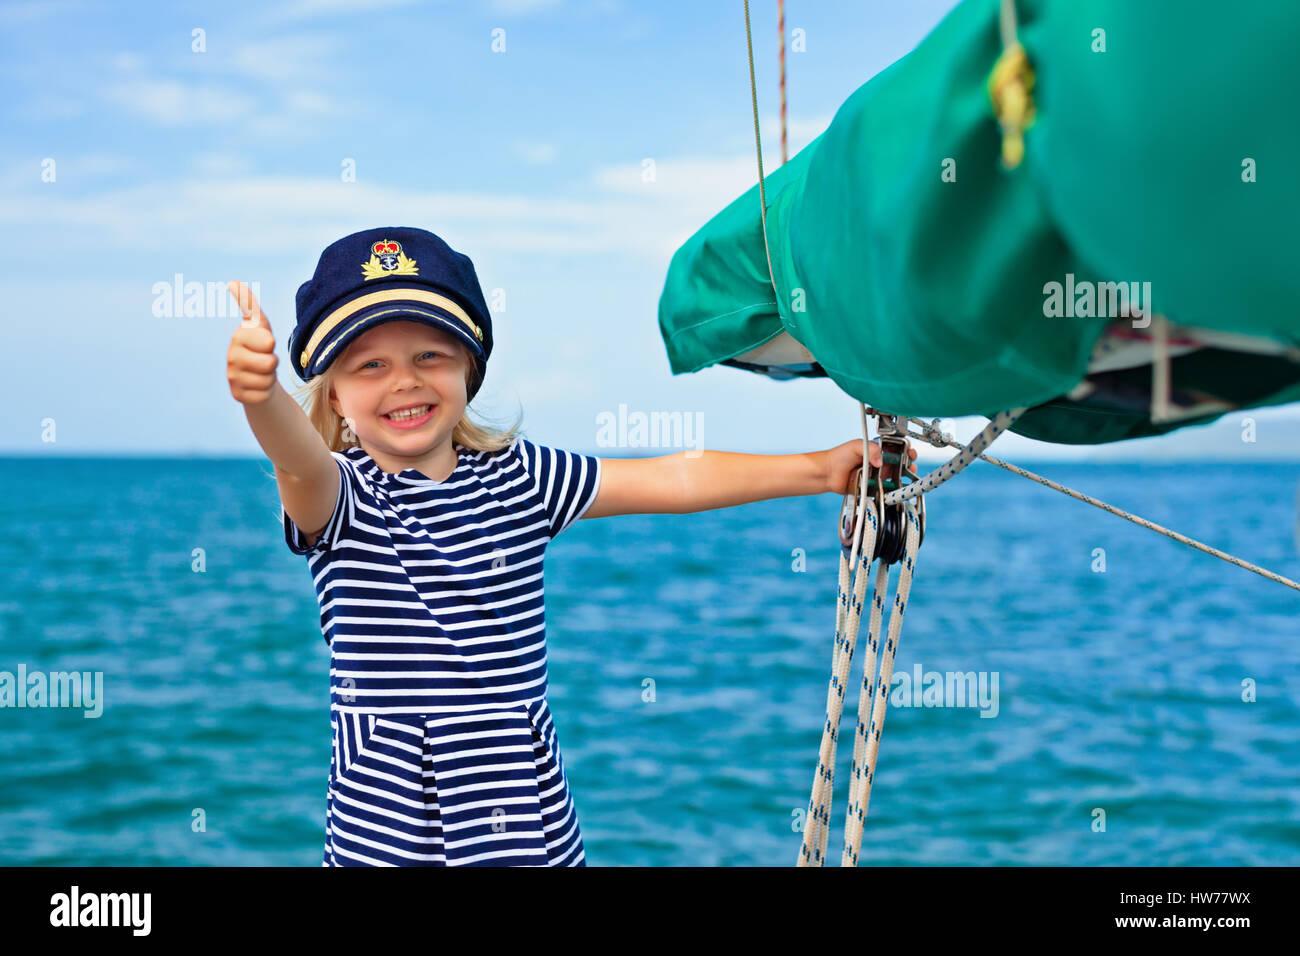 Poco feliz bebé capitán a bordo del yate de vela mirando el mar en verano de crucero. Viajes de aventura, Imagen De Stock